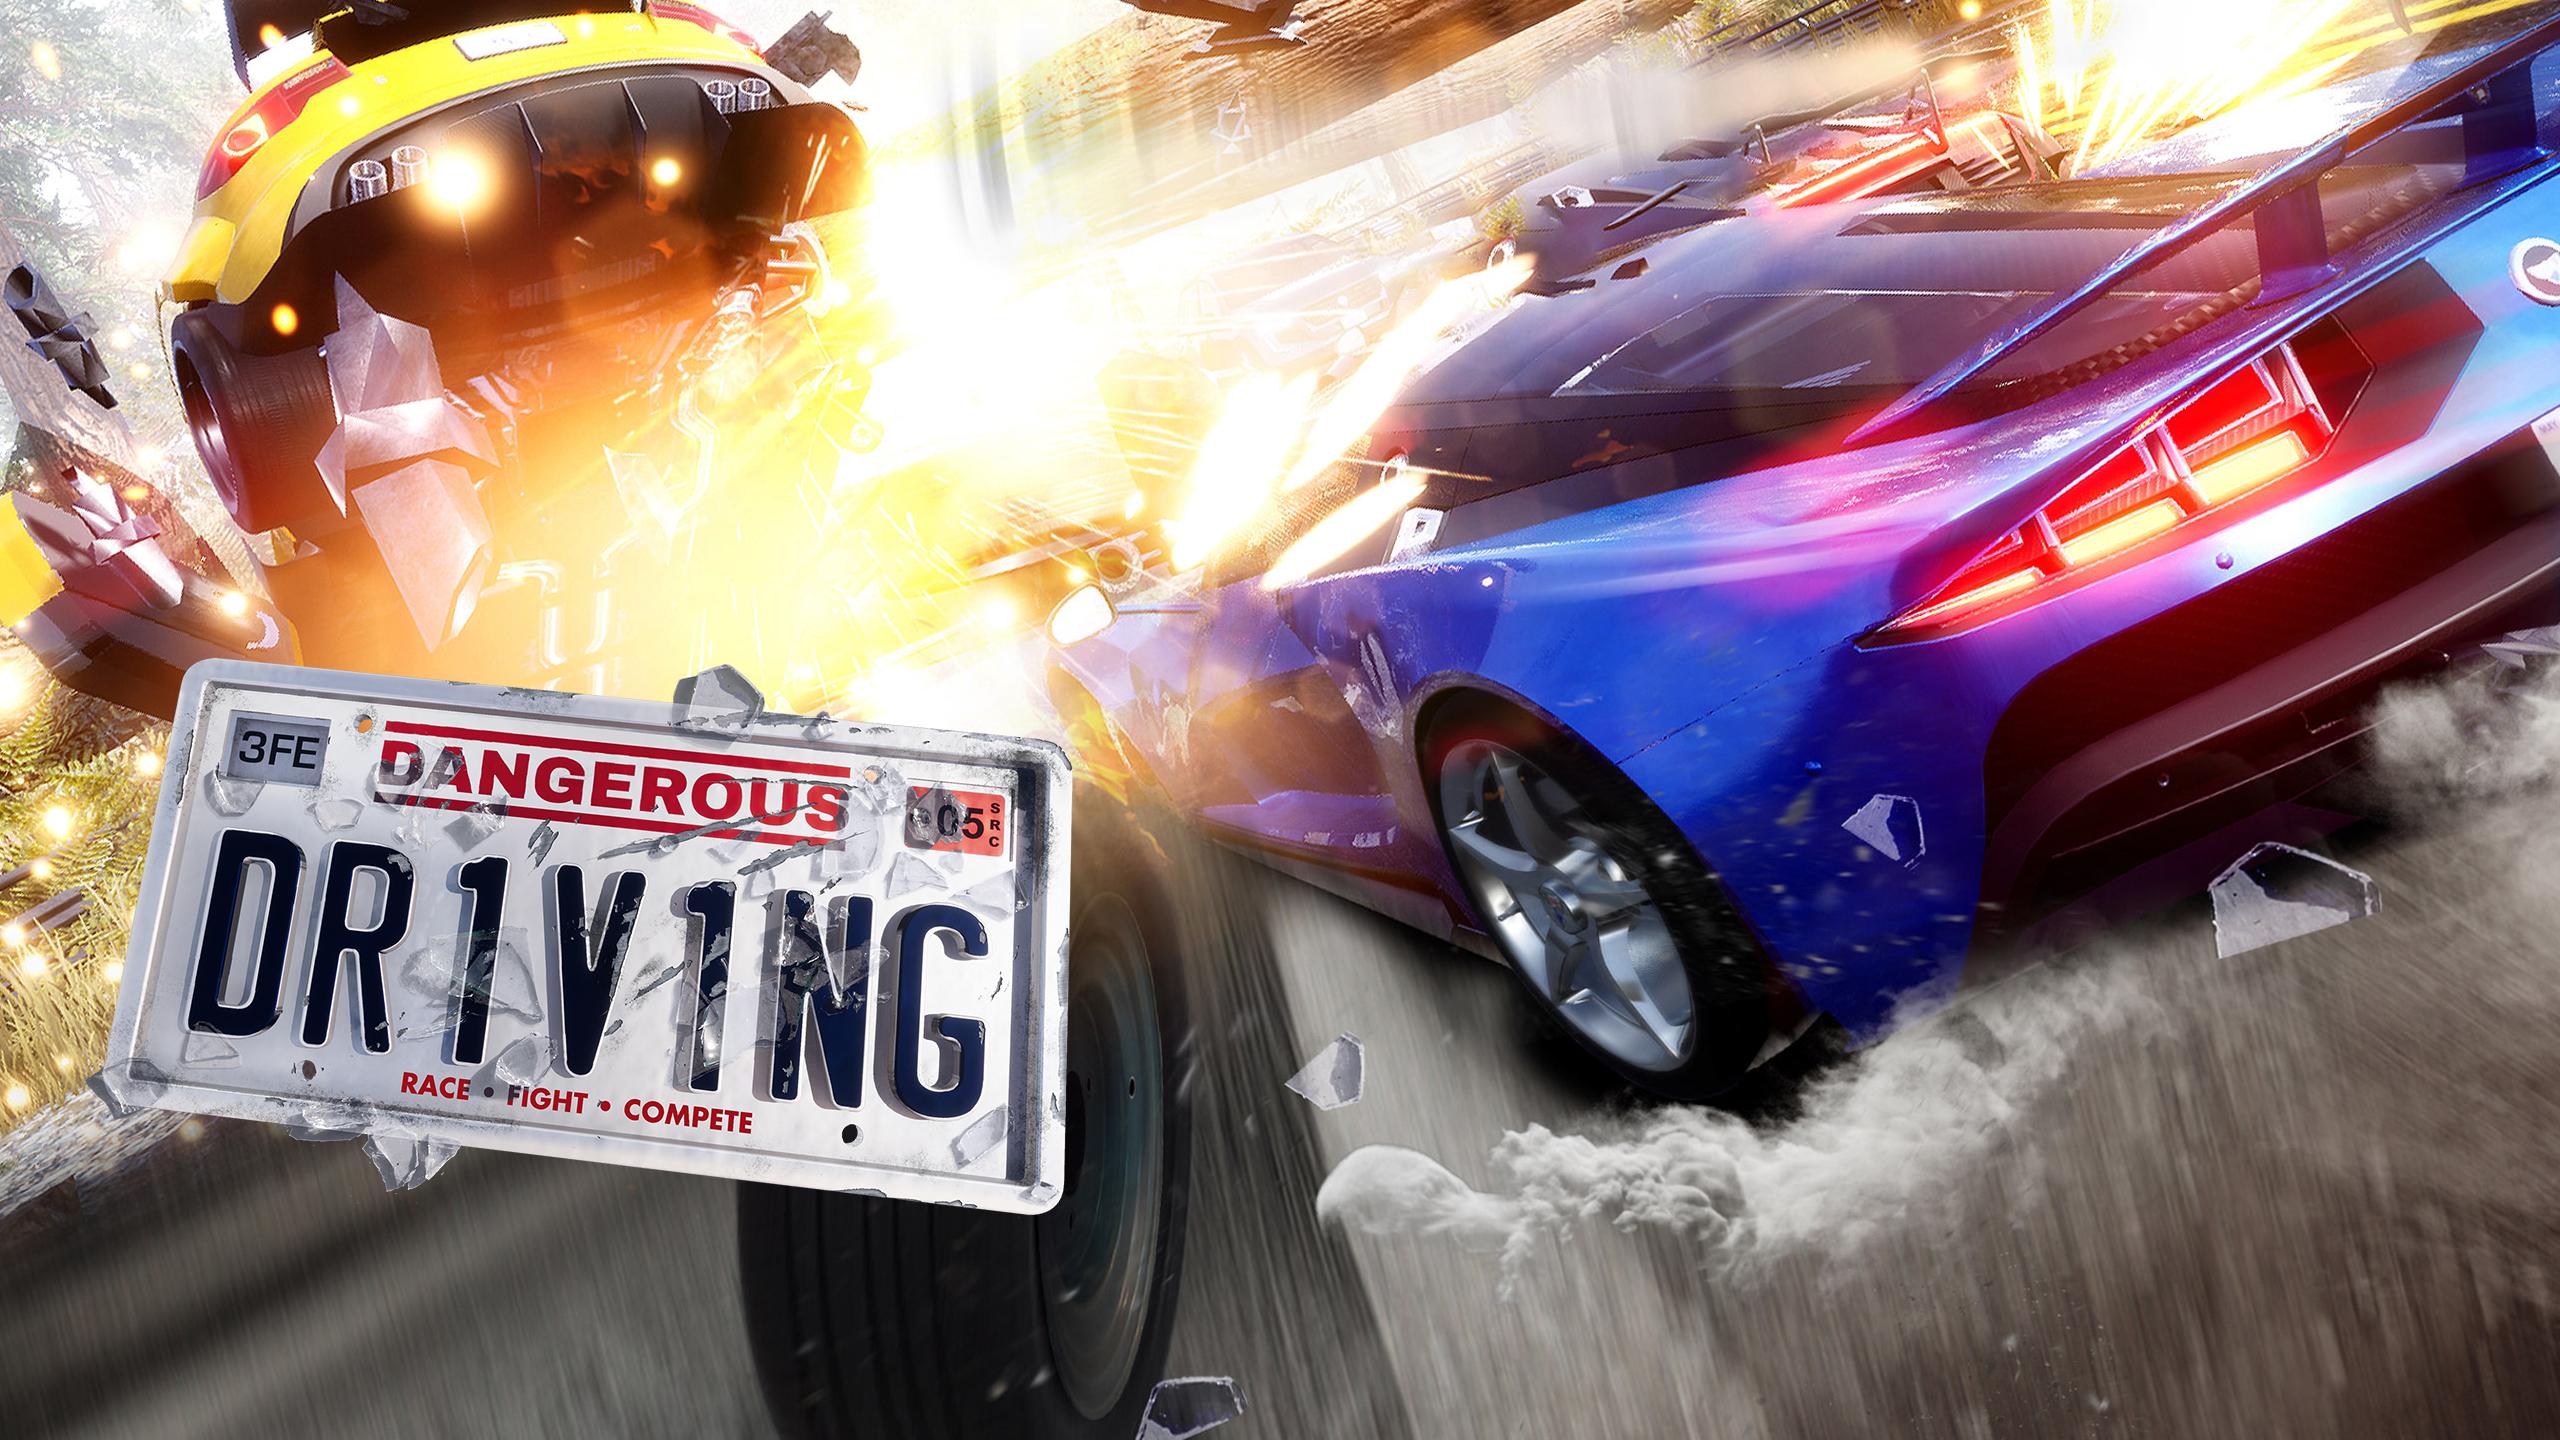 Zderzaj się z przeciwnikami, miażdż ich i zrób wszystko, by wyeliminować konkurentów w tej wysokooktanowej grze wyścigowej. Gra Dangerous Driving już wprzedsprzedaży!